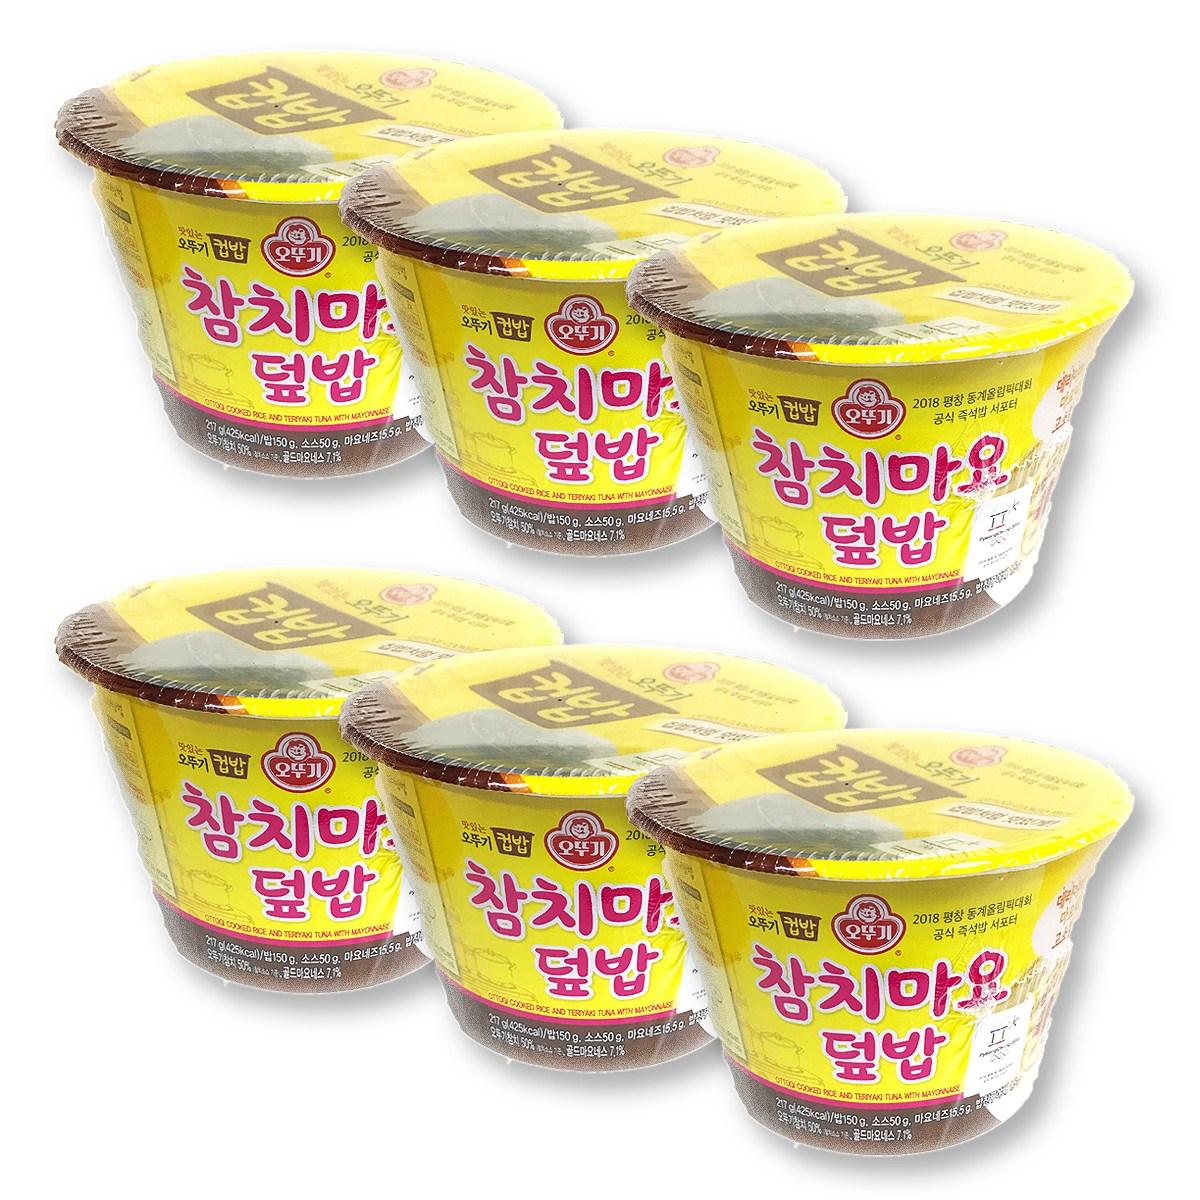 브라더스 오뚜기 컵반 참치마요덮밥 6개(217g*6개)간편조리식품 즉석햇반카레요리, 217g, 6개